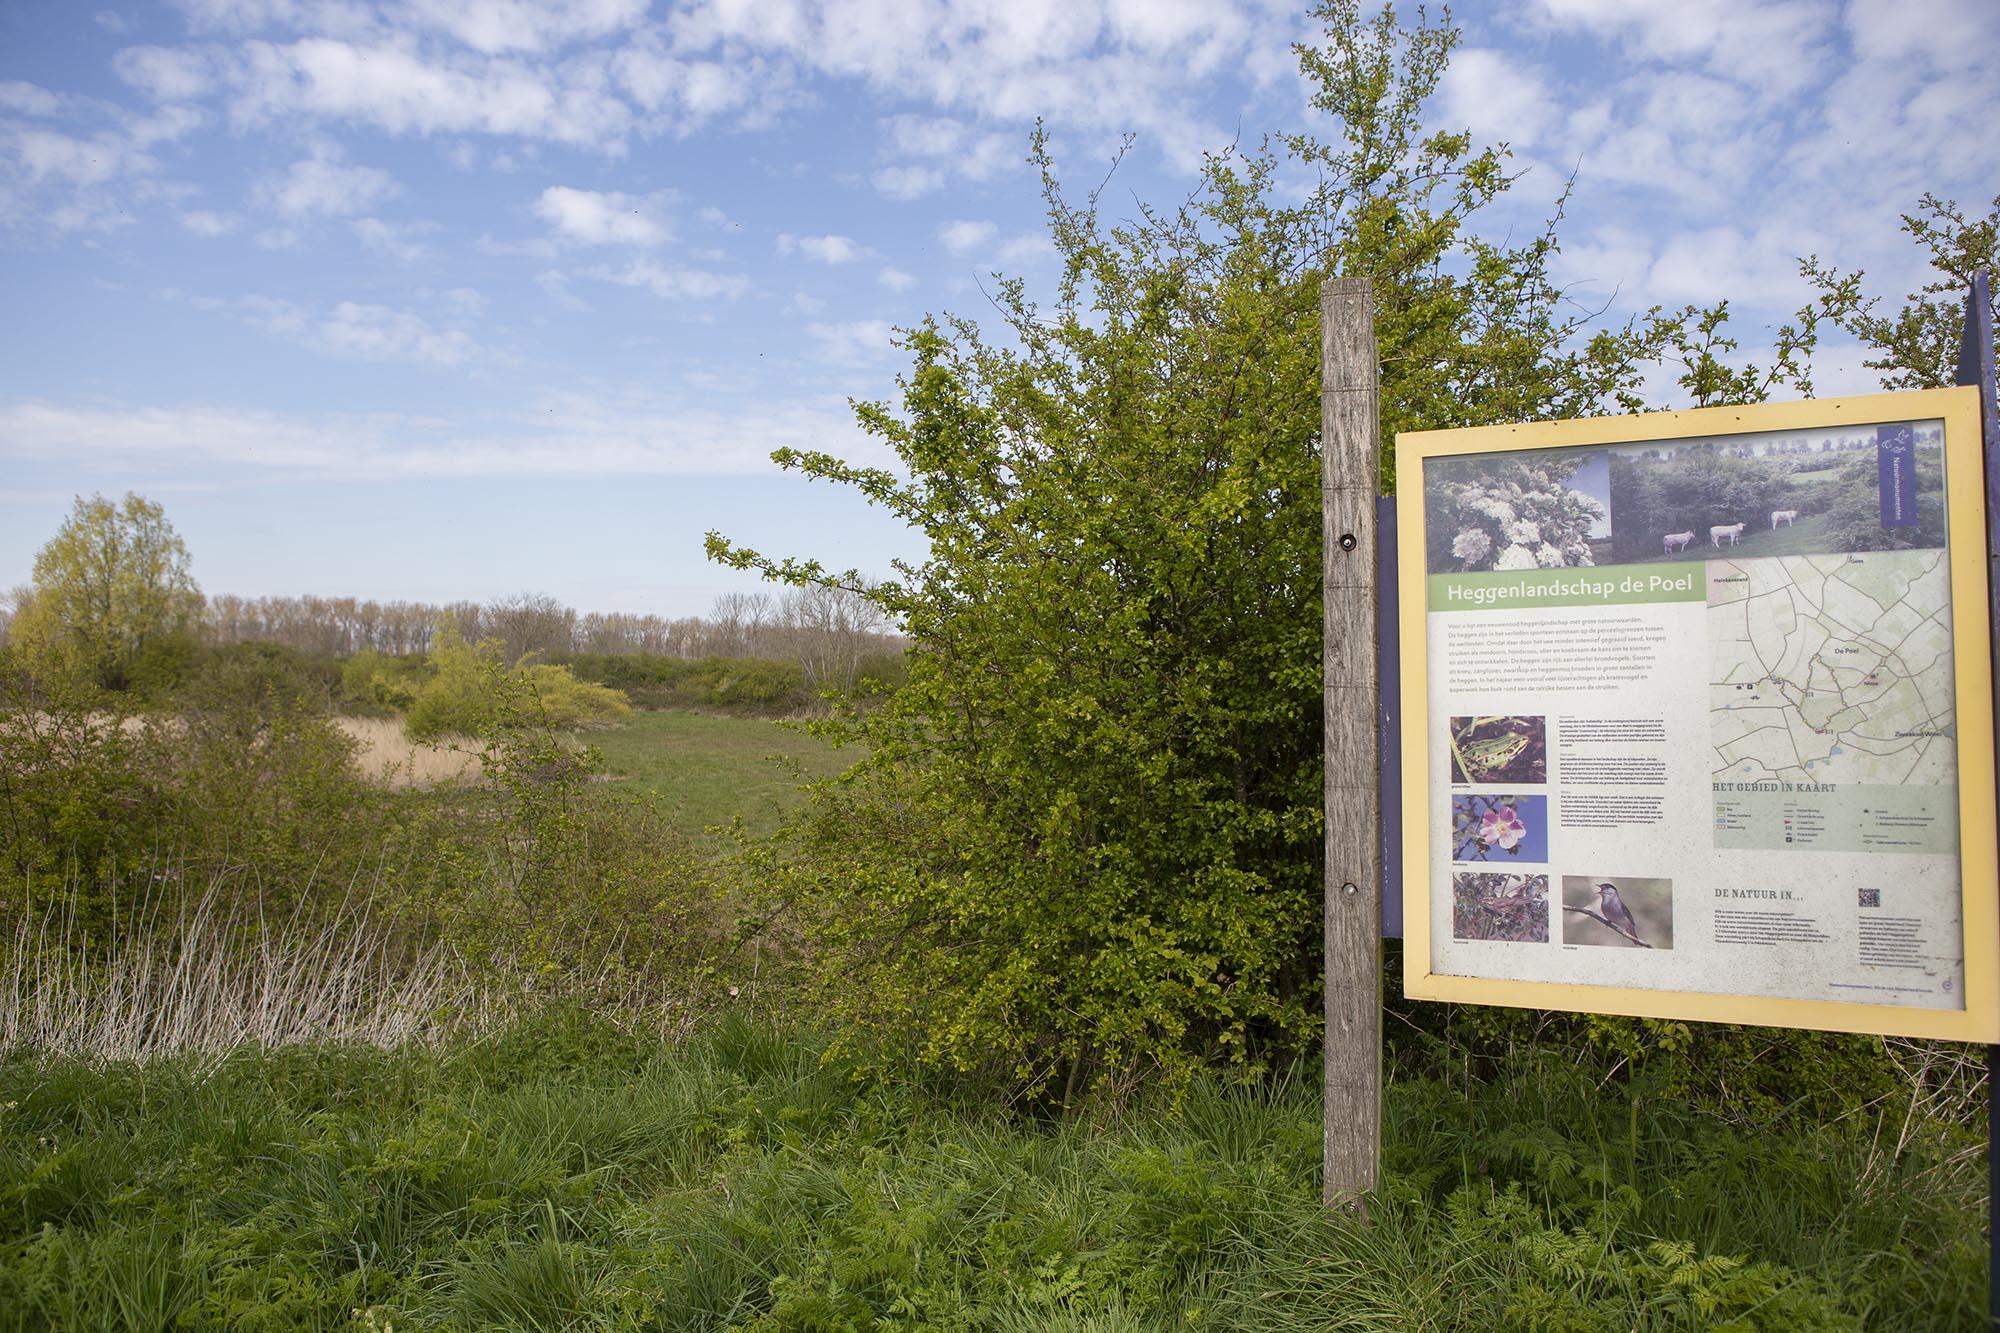 Wandelroute over de bloemendijken in Zeeland